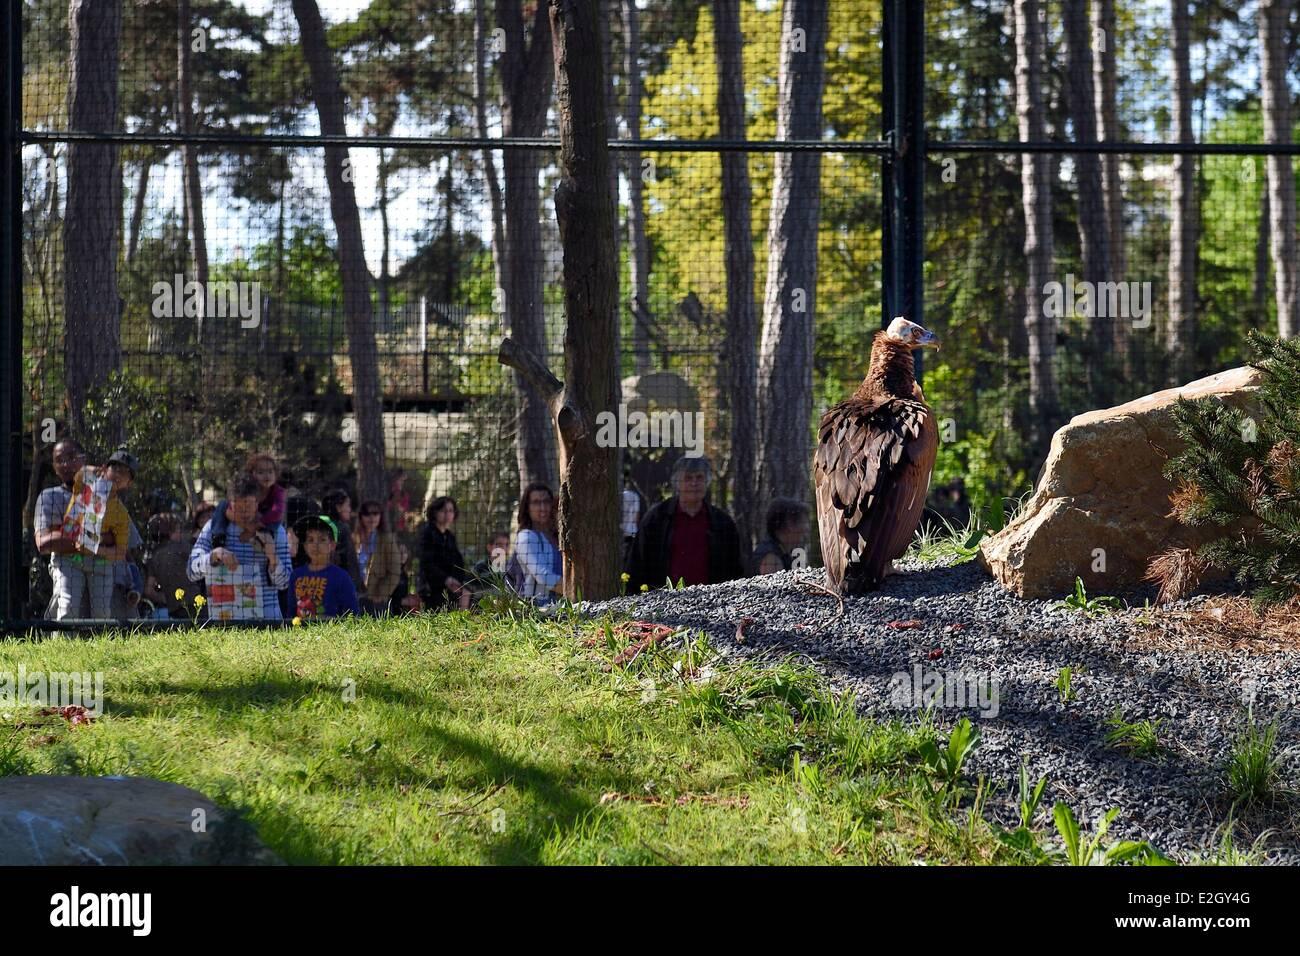 France Paris Paris Zoological Park (Zoo de Vincennes) griffon vulture (Gyps fulvus) in European biozone - Stock Image